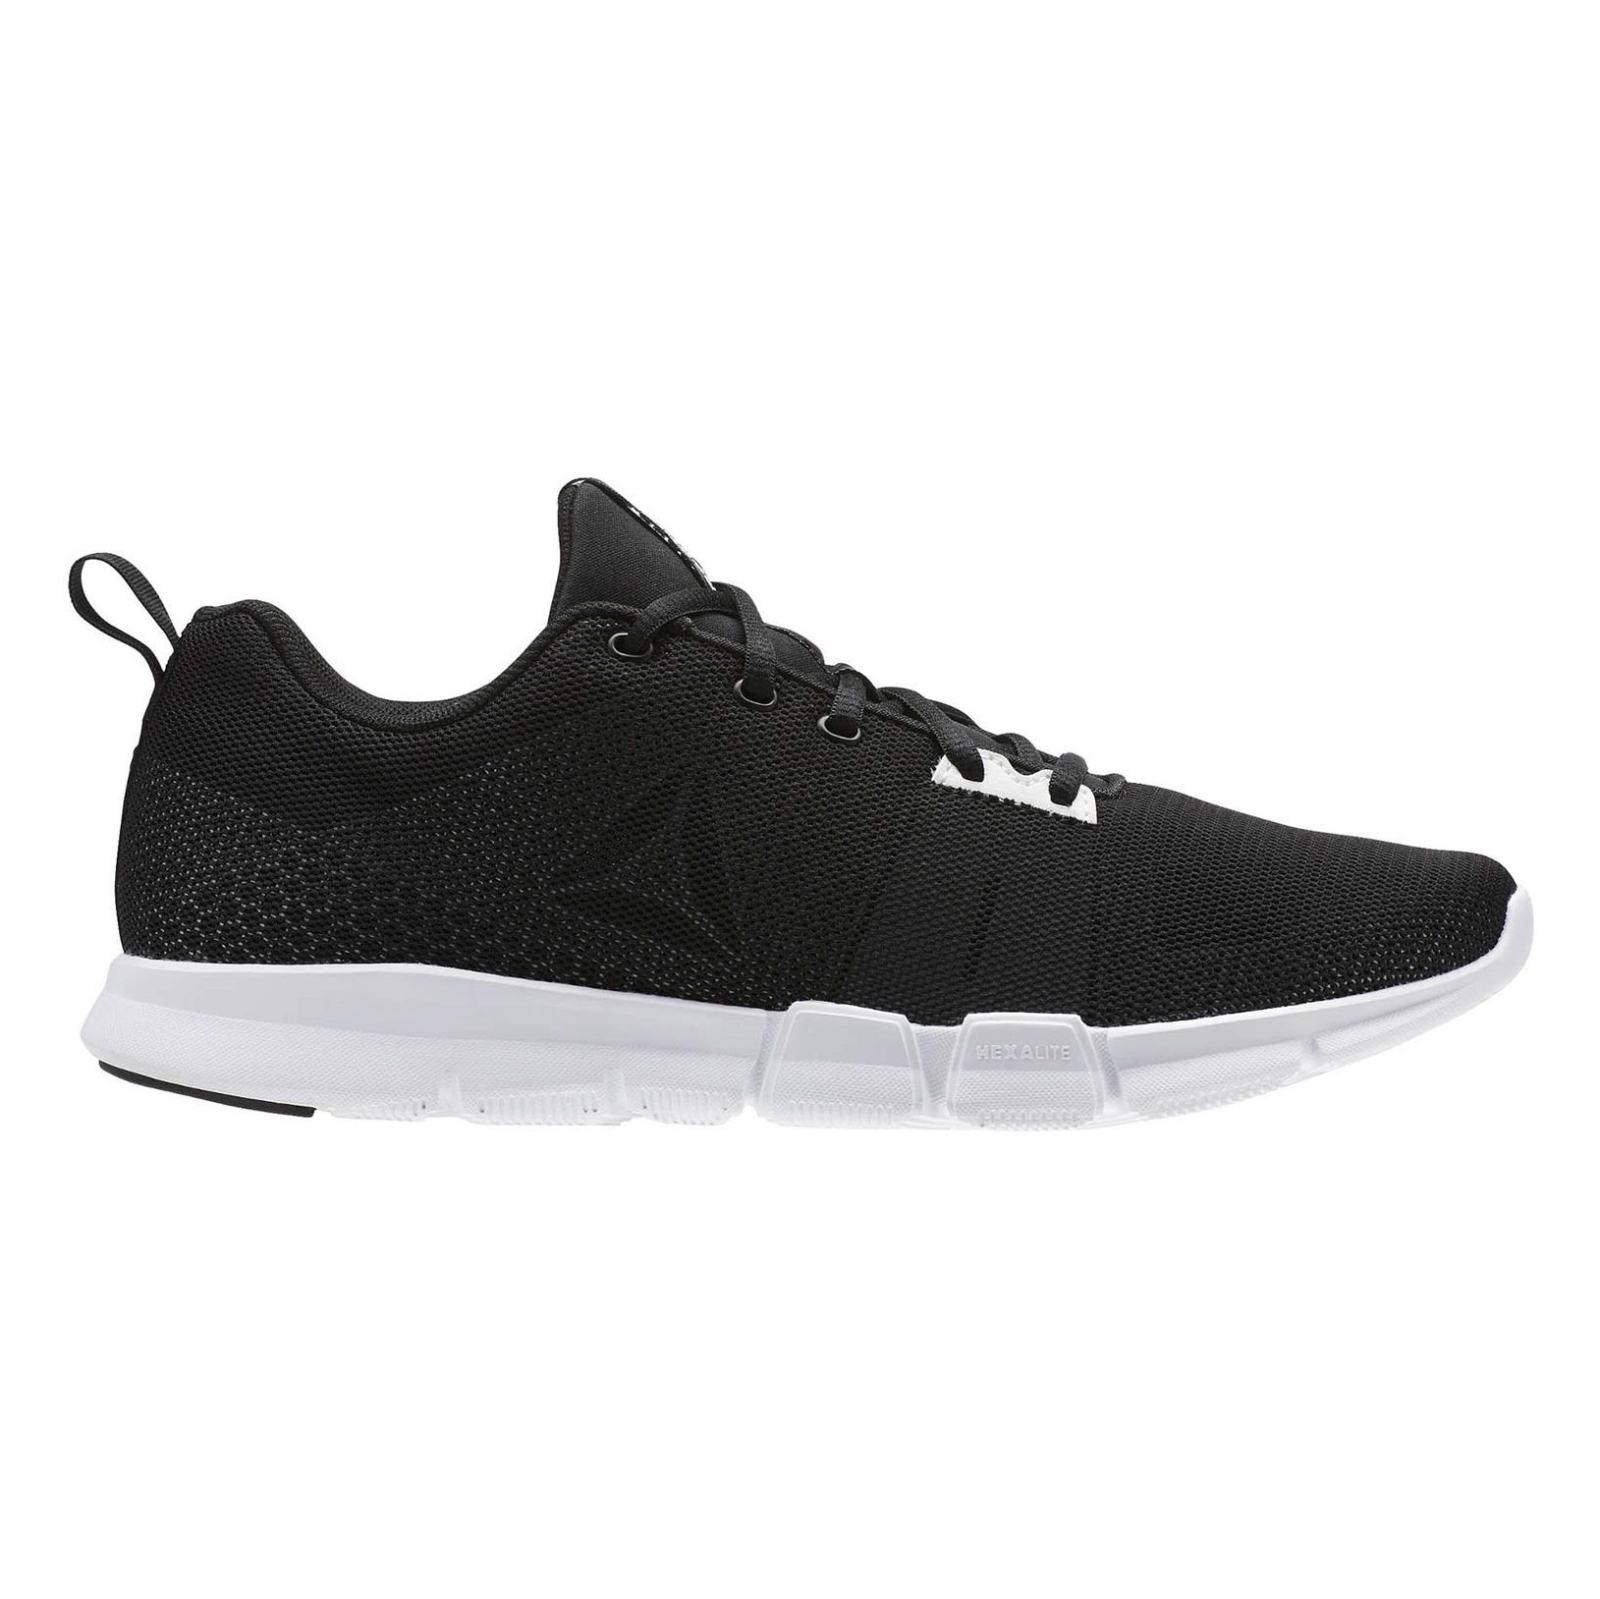 کفش تمرین بندی مردانه Hexalite TR 2-0 - ریباک - مشکي - 1